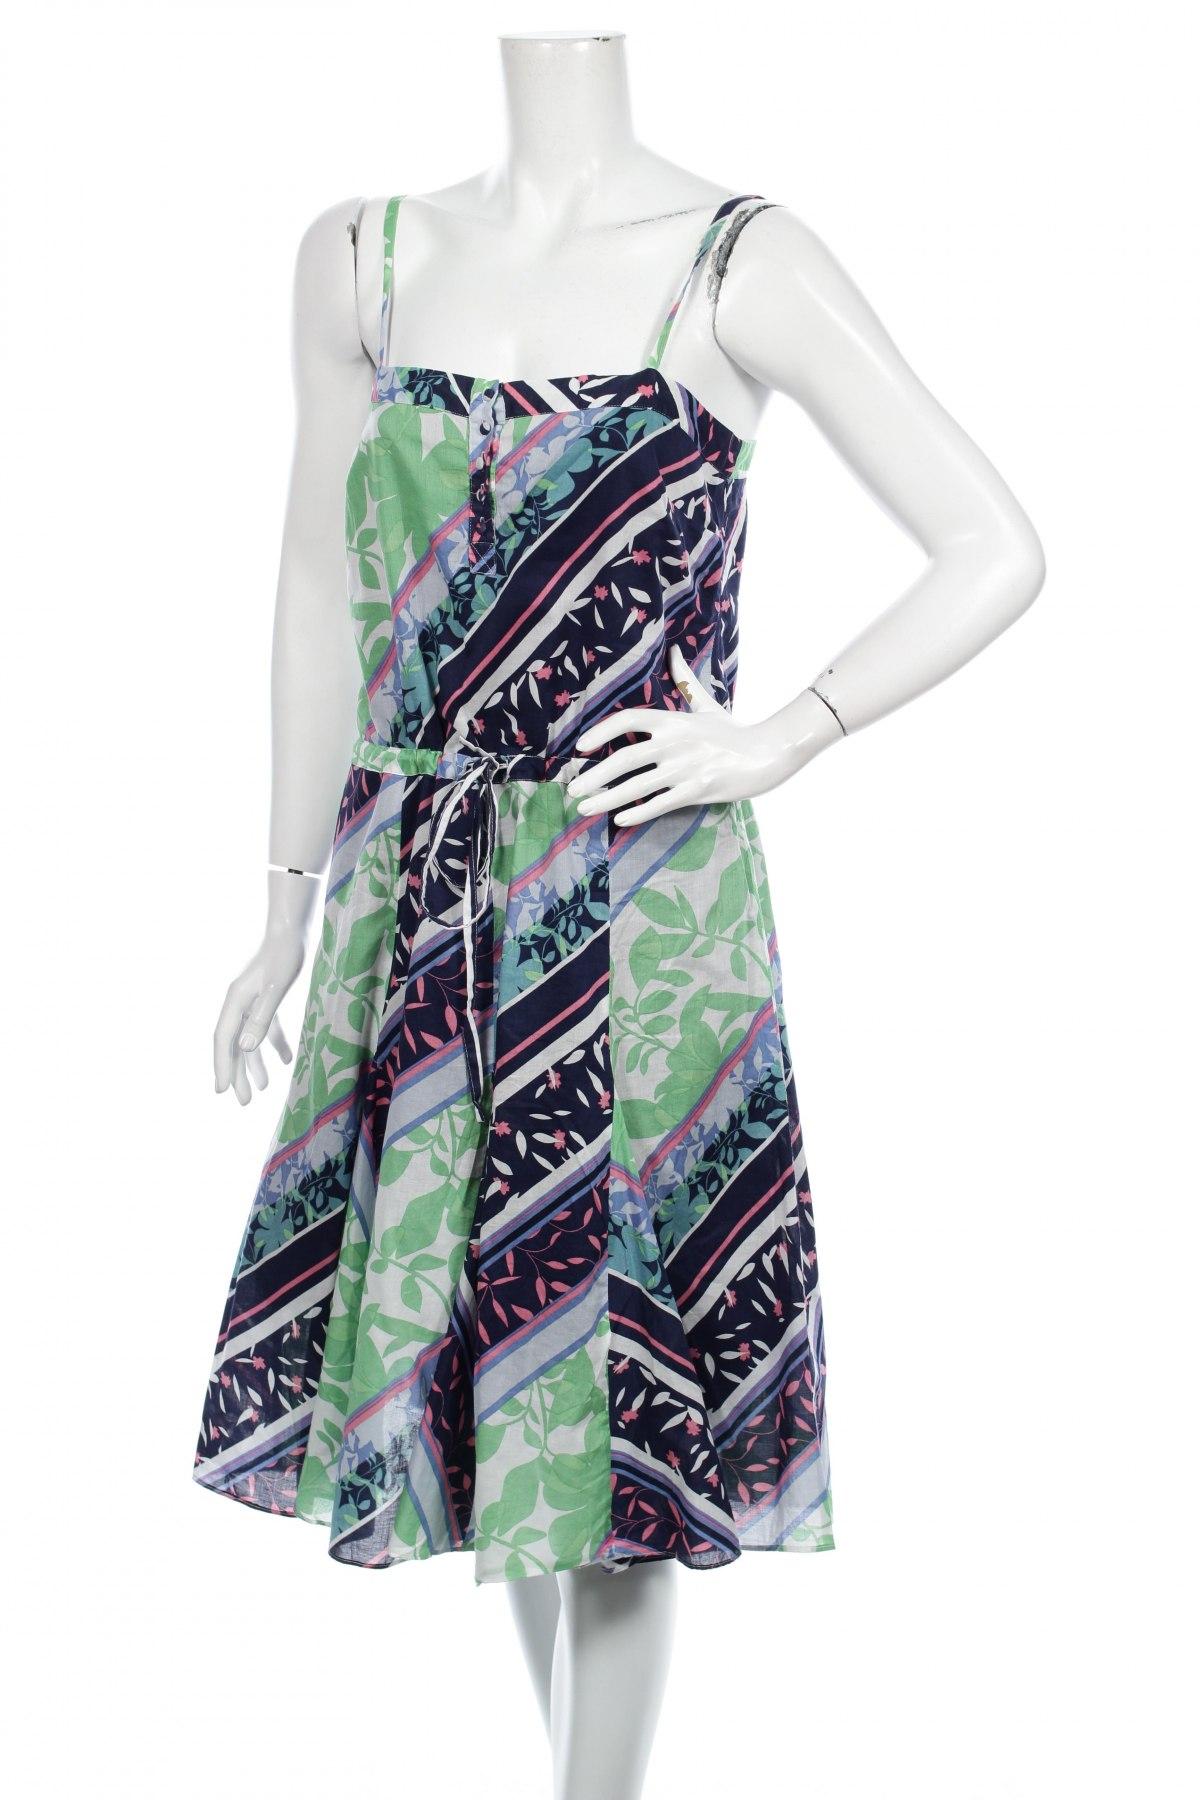 0dec4a43dd78 Φόρεμα Monsoon - σε συμφέρουσα τιμή στο Remix -  5699713